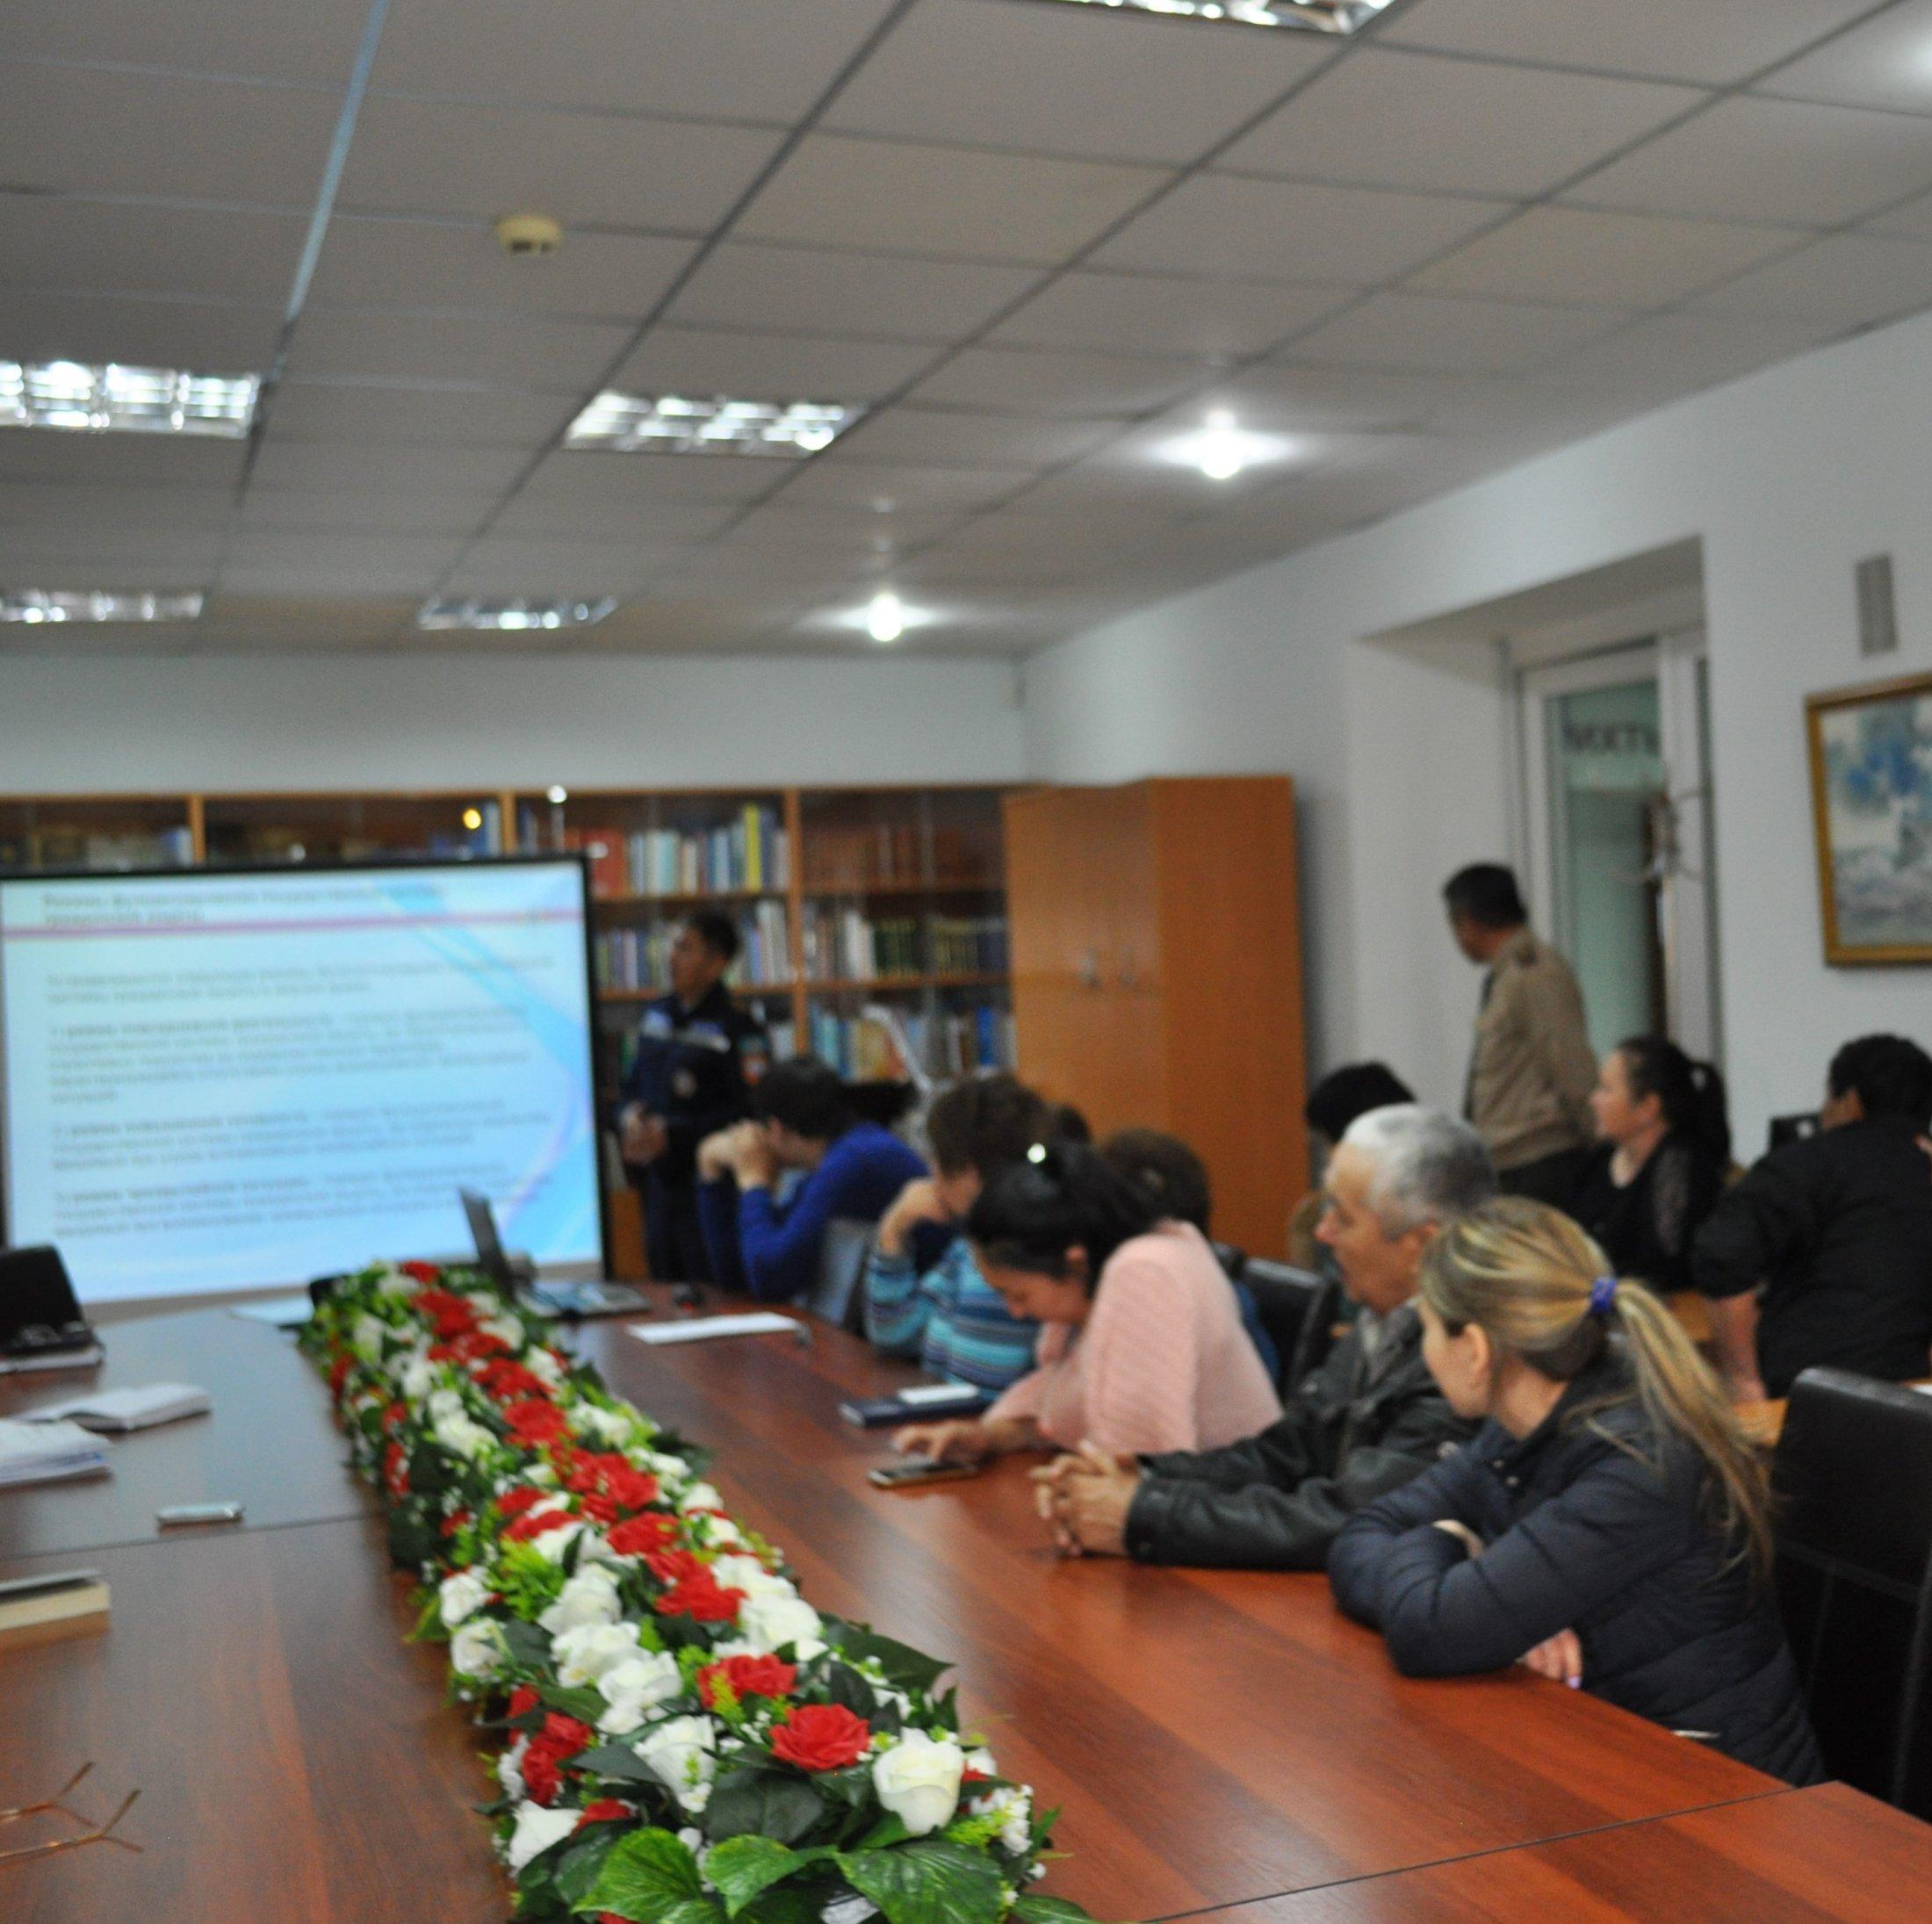 В Государственном учреждении «Государственный архив города Астаны»  состоялось  учебно-методическое занятие по основам гражданской обороны и противопожарной безопасности.